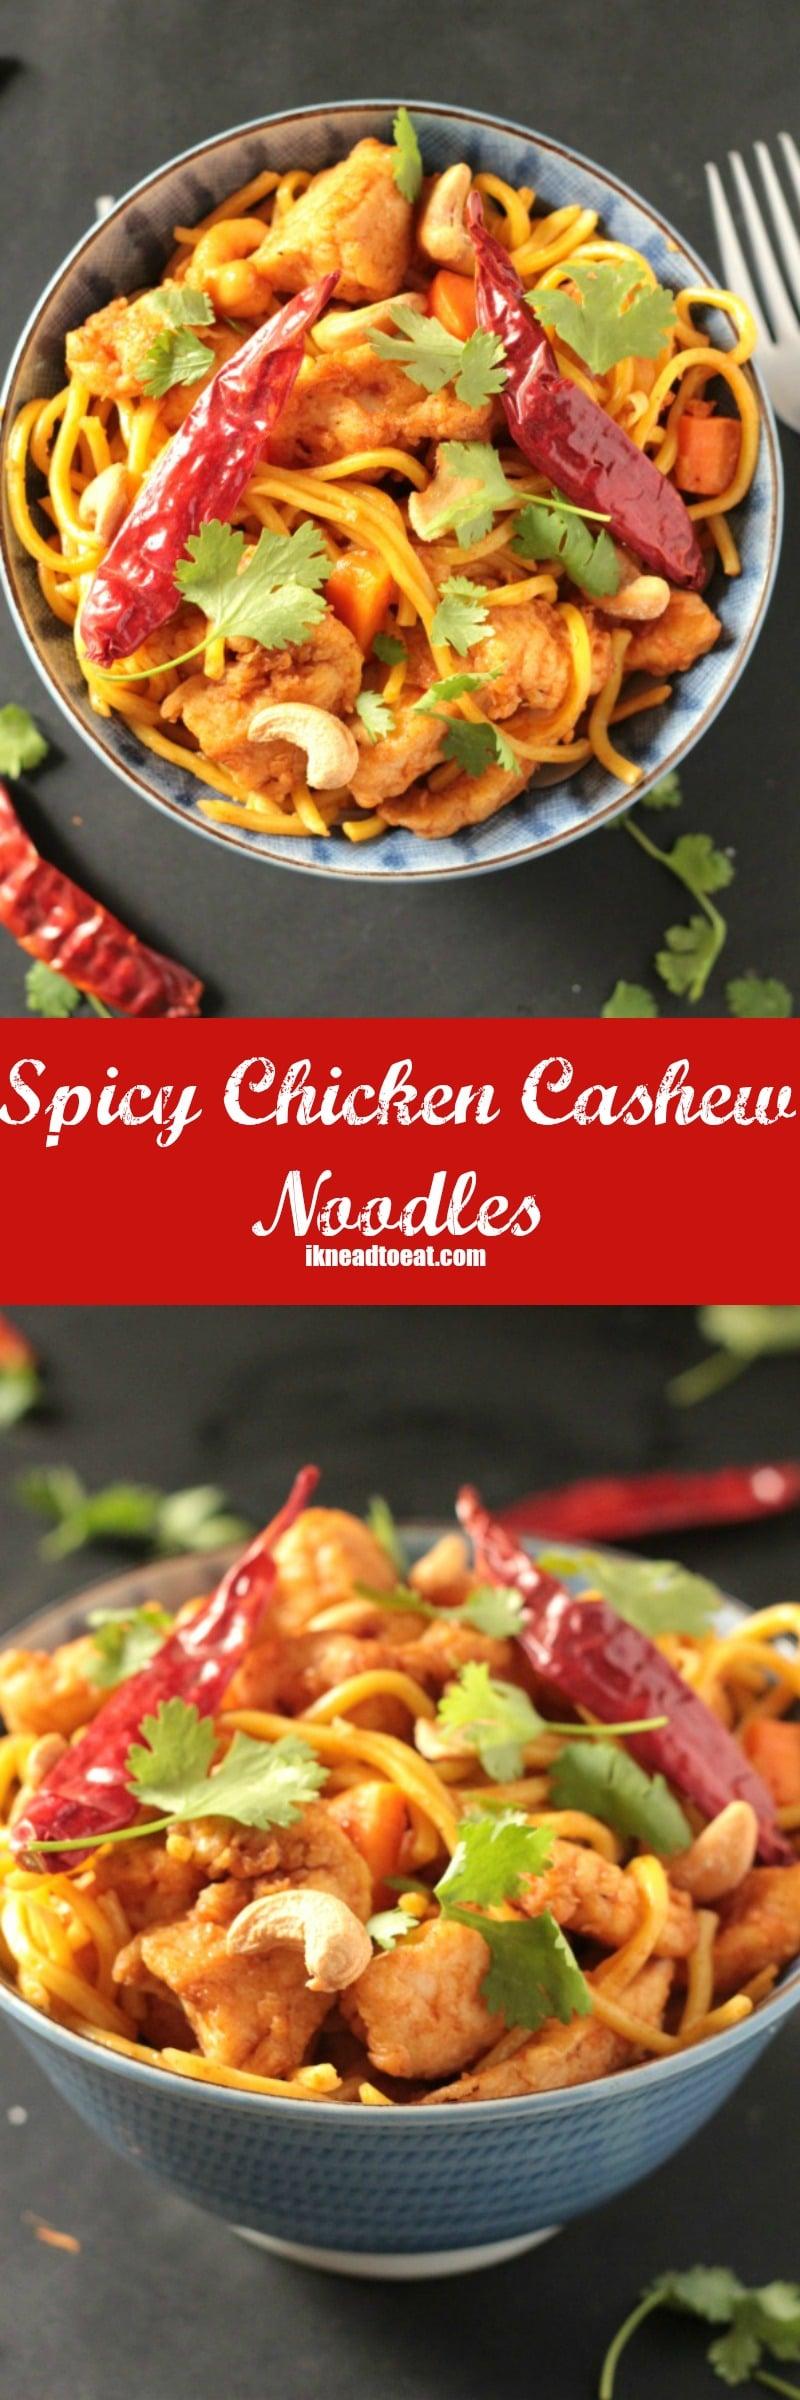 Spicy Chicken Cashew Noodles